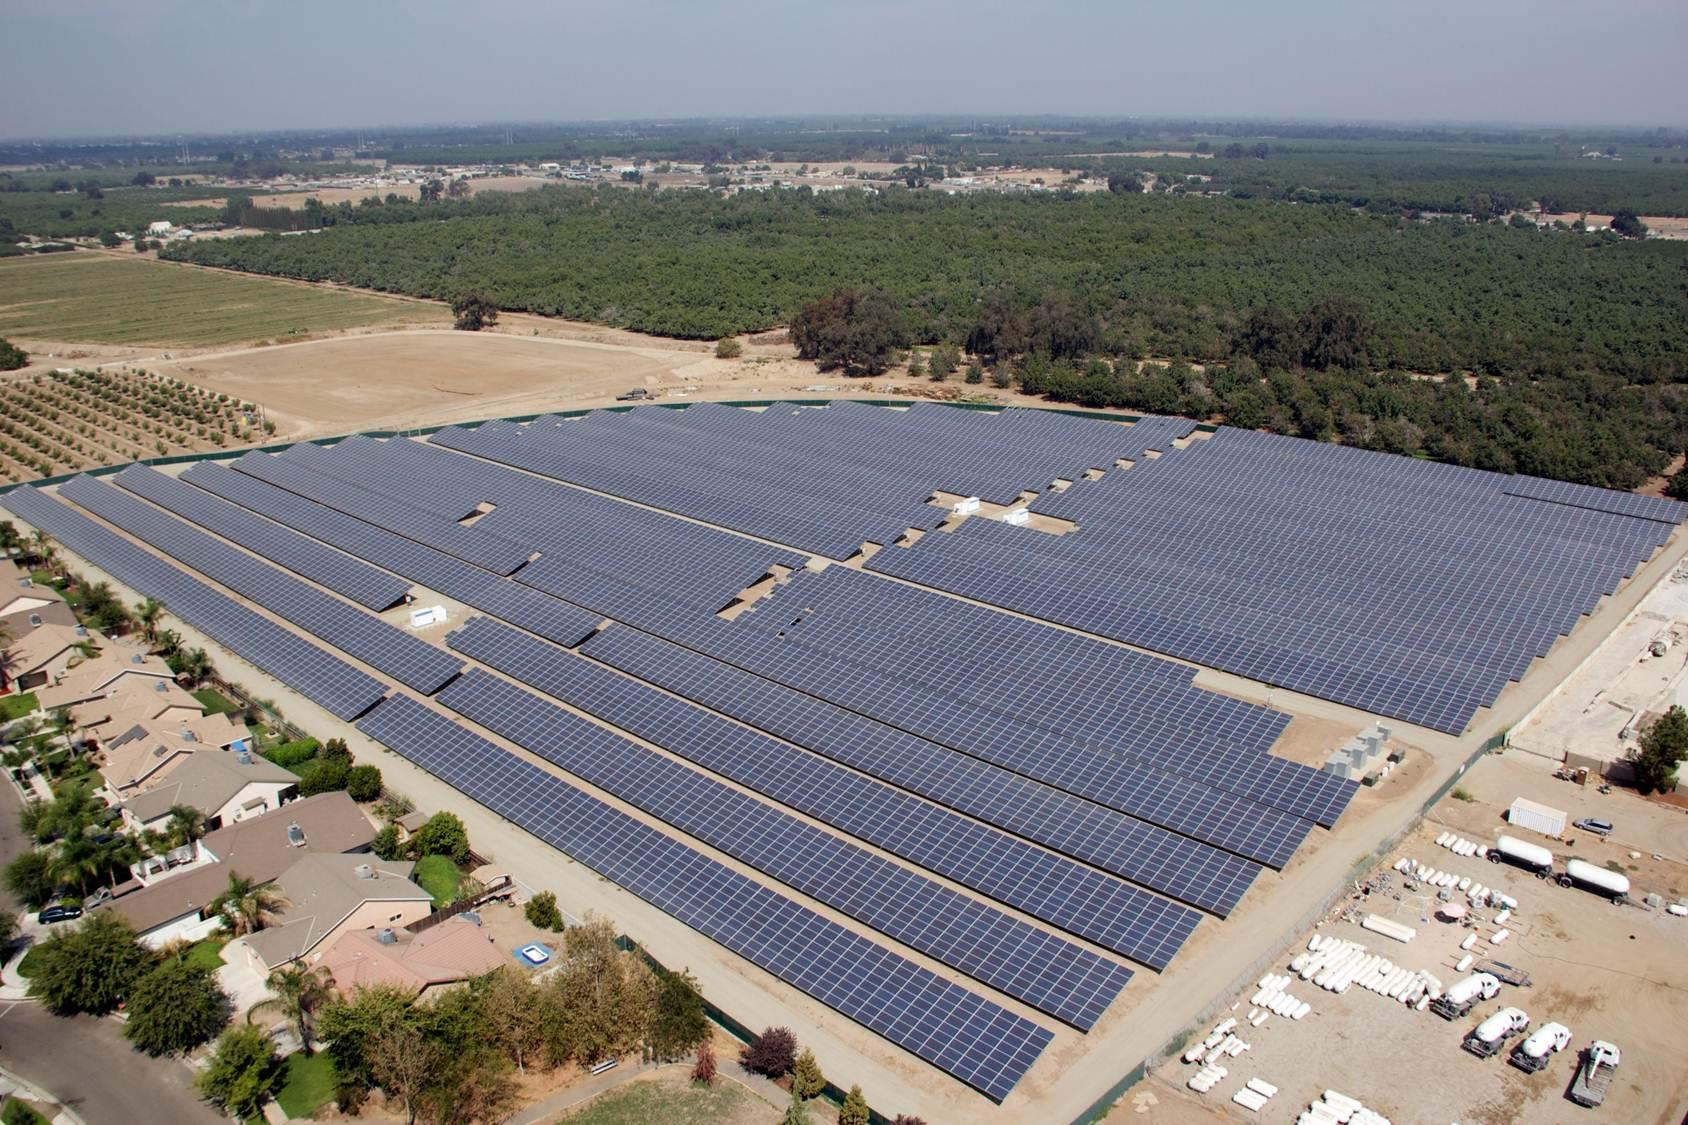 همکاری پاناسونیک و کرونال گروپ در راه اندازی پنل خورشیدی در کالیفرنیا